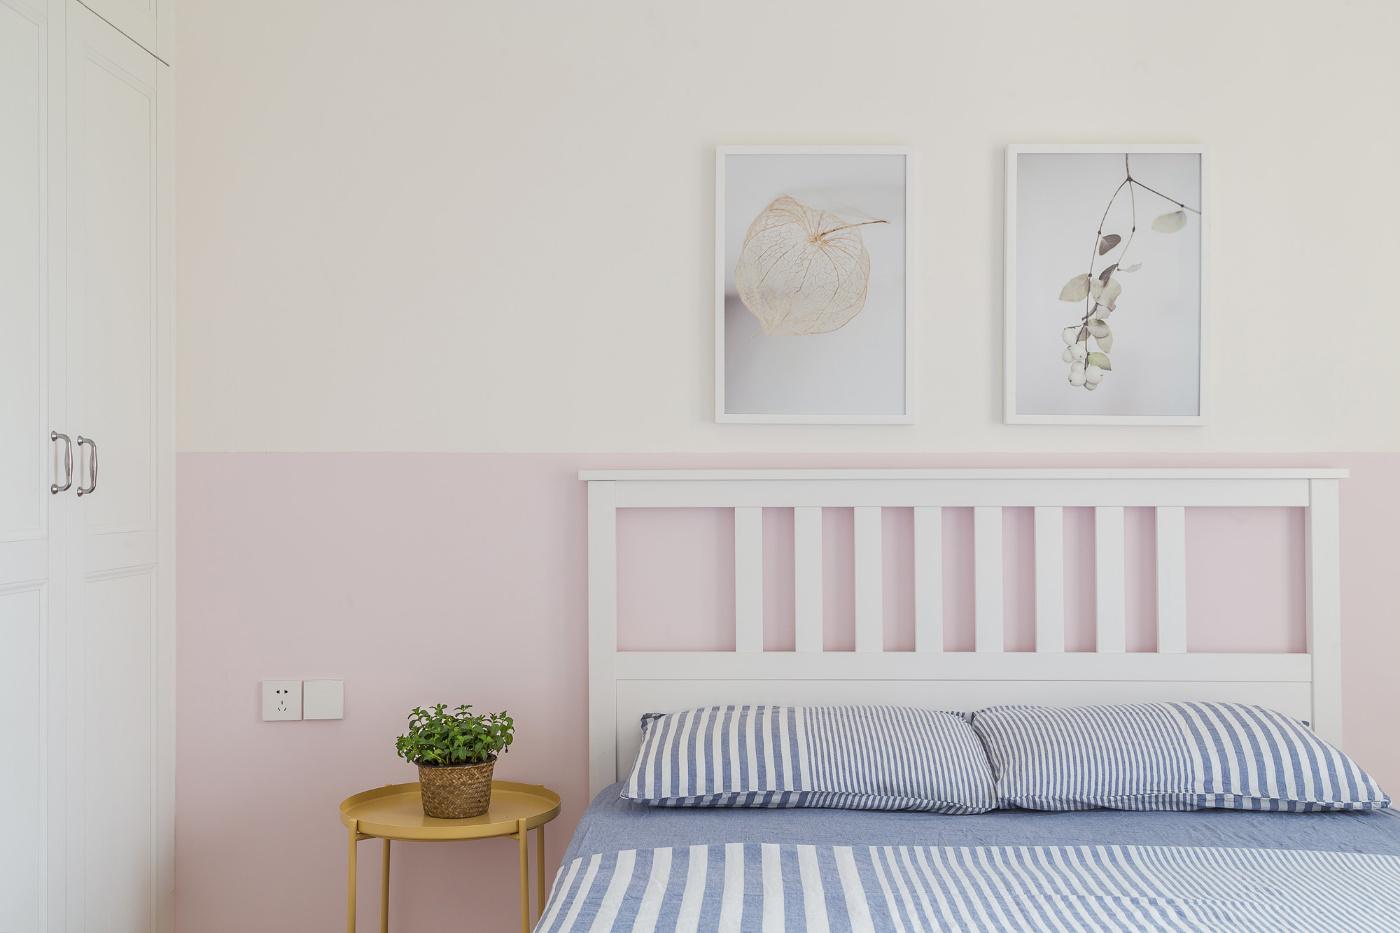 120㎡简约日式风床头背景墙装修效果图